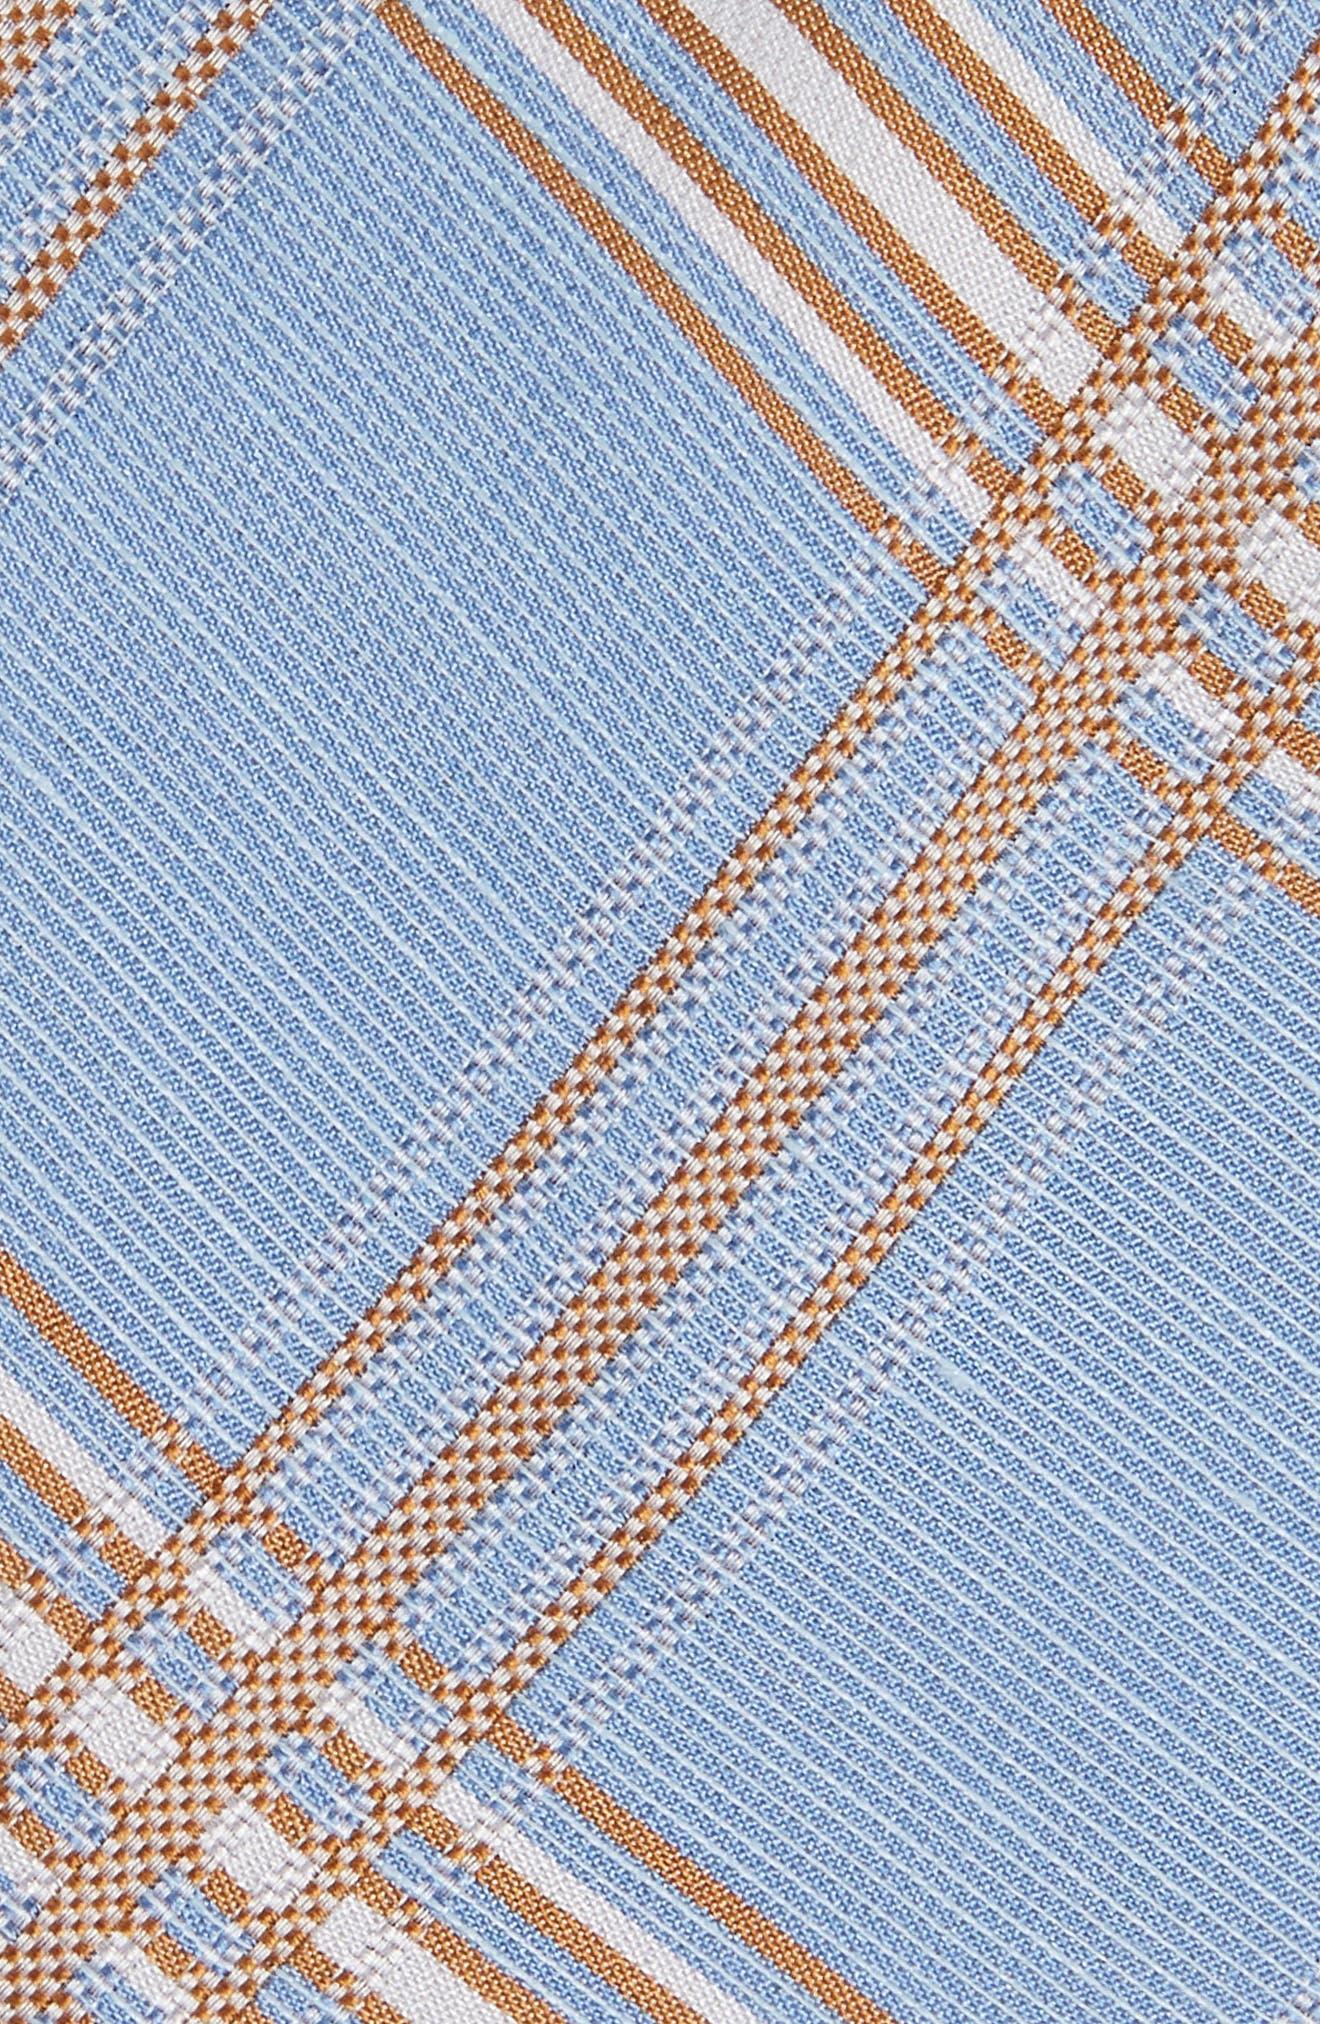 KP Plaid Silk & Linen Tie,                             Alternate thumbnail 2, color,                             LIGHT BLUE